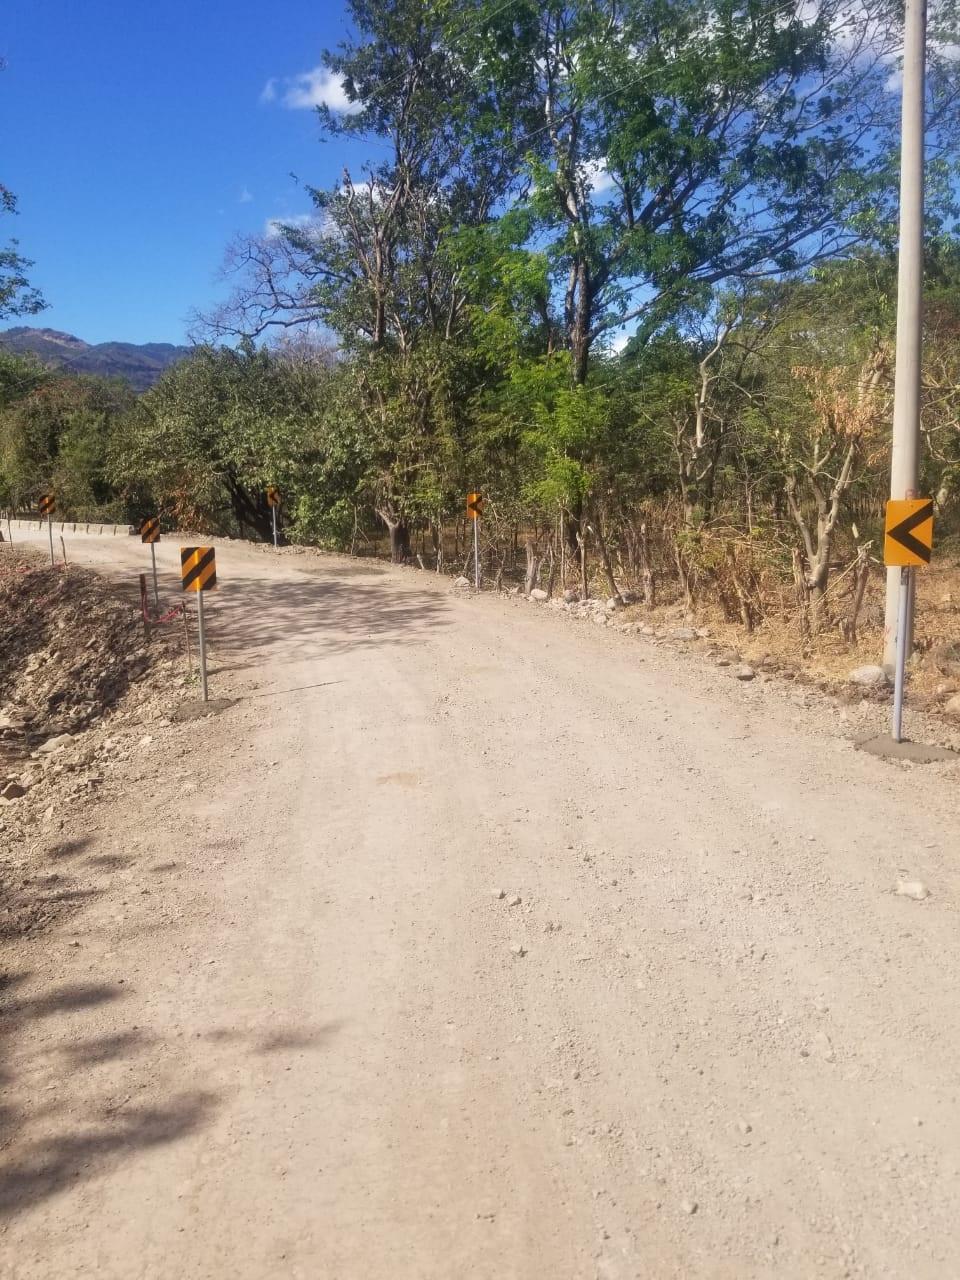 En la comunidad Parcila en San Juan de Limay fueron restaurados doce kilómetros de caminoEn la comunidad Parcila en San Juan de Limay fueron restaurados doce kilómetros de camino